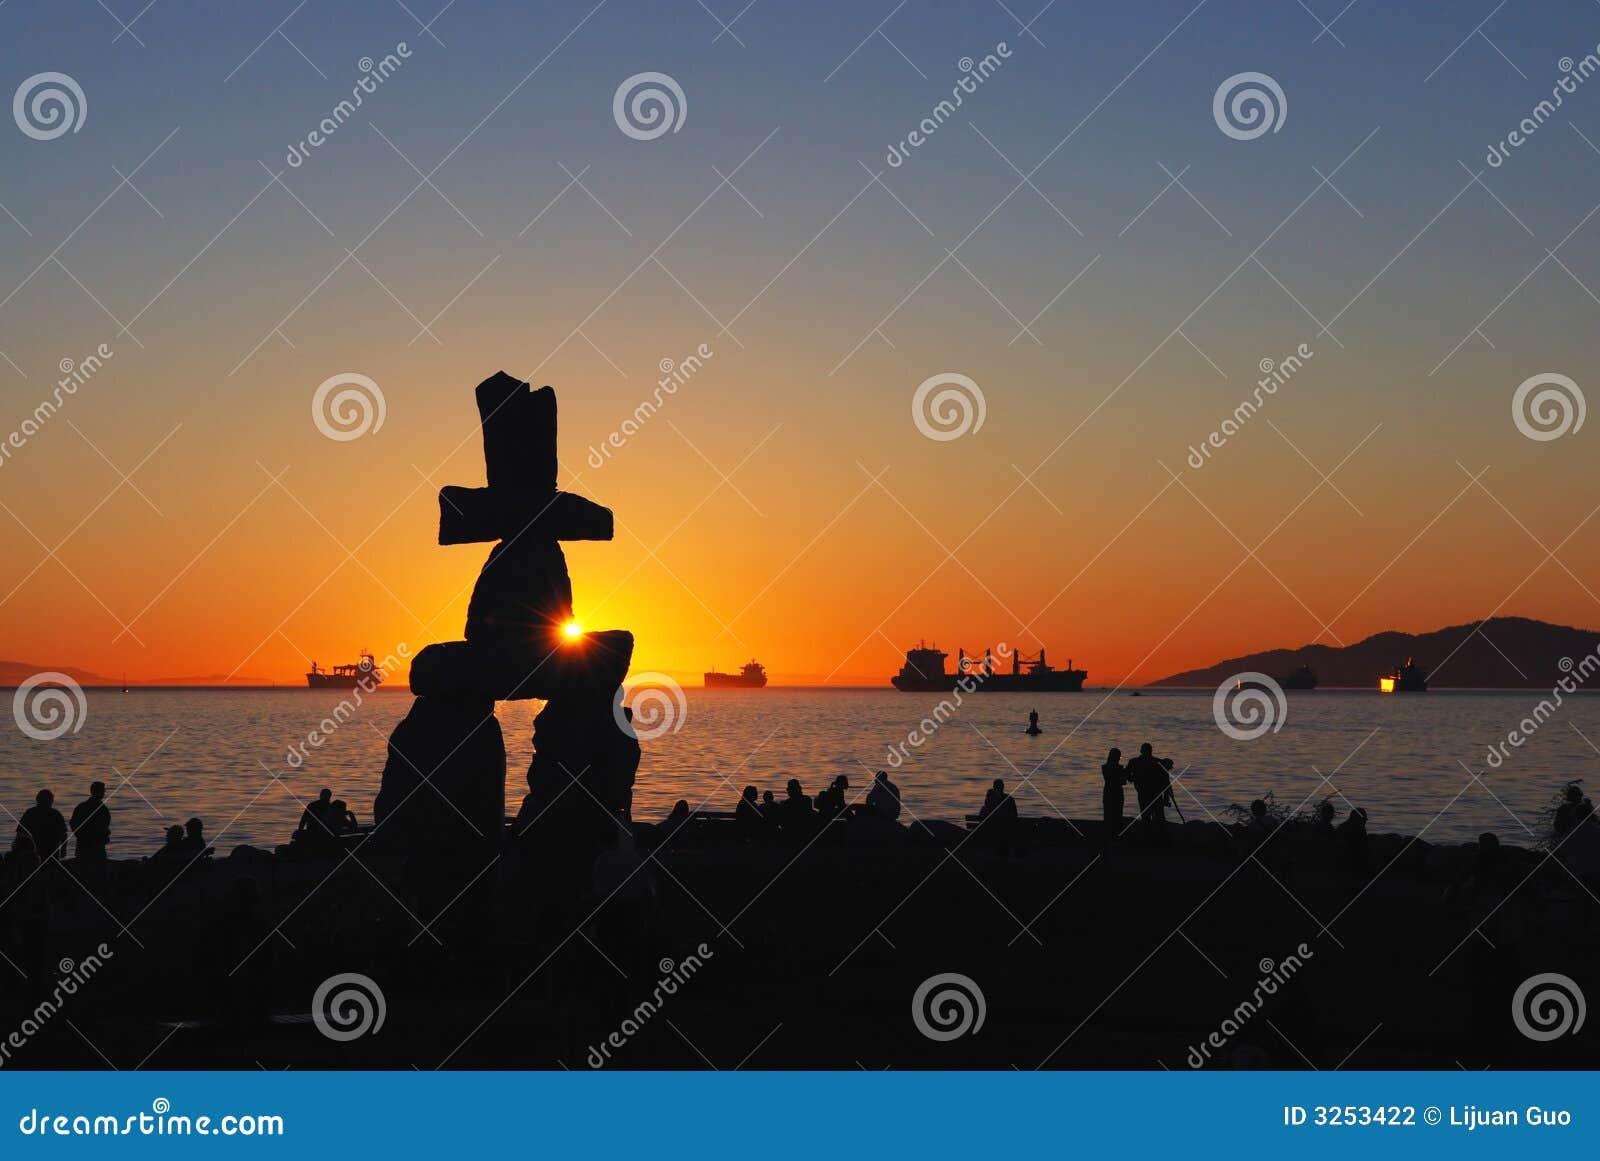 Escultura de Inukshuk en la puesta del sol